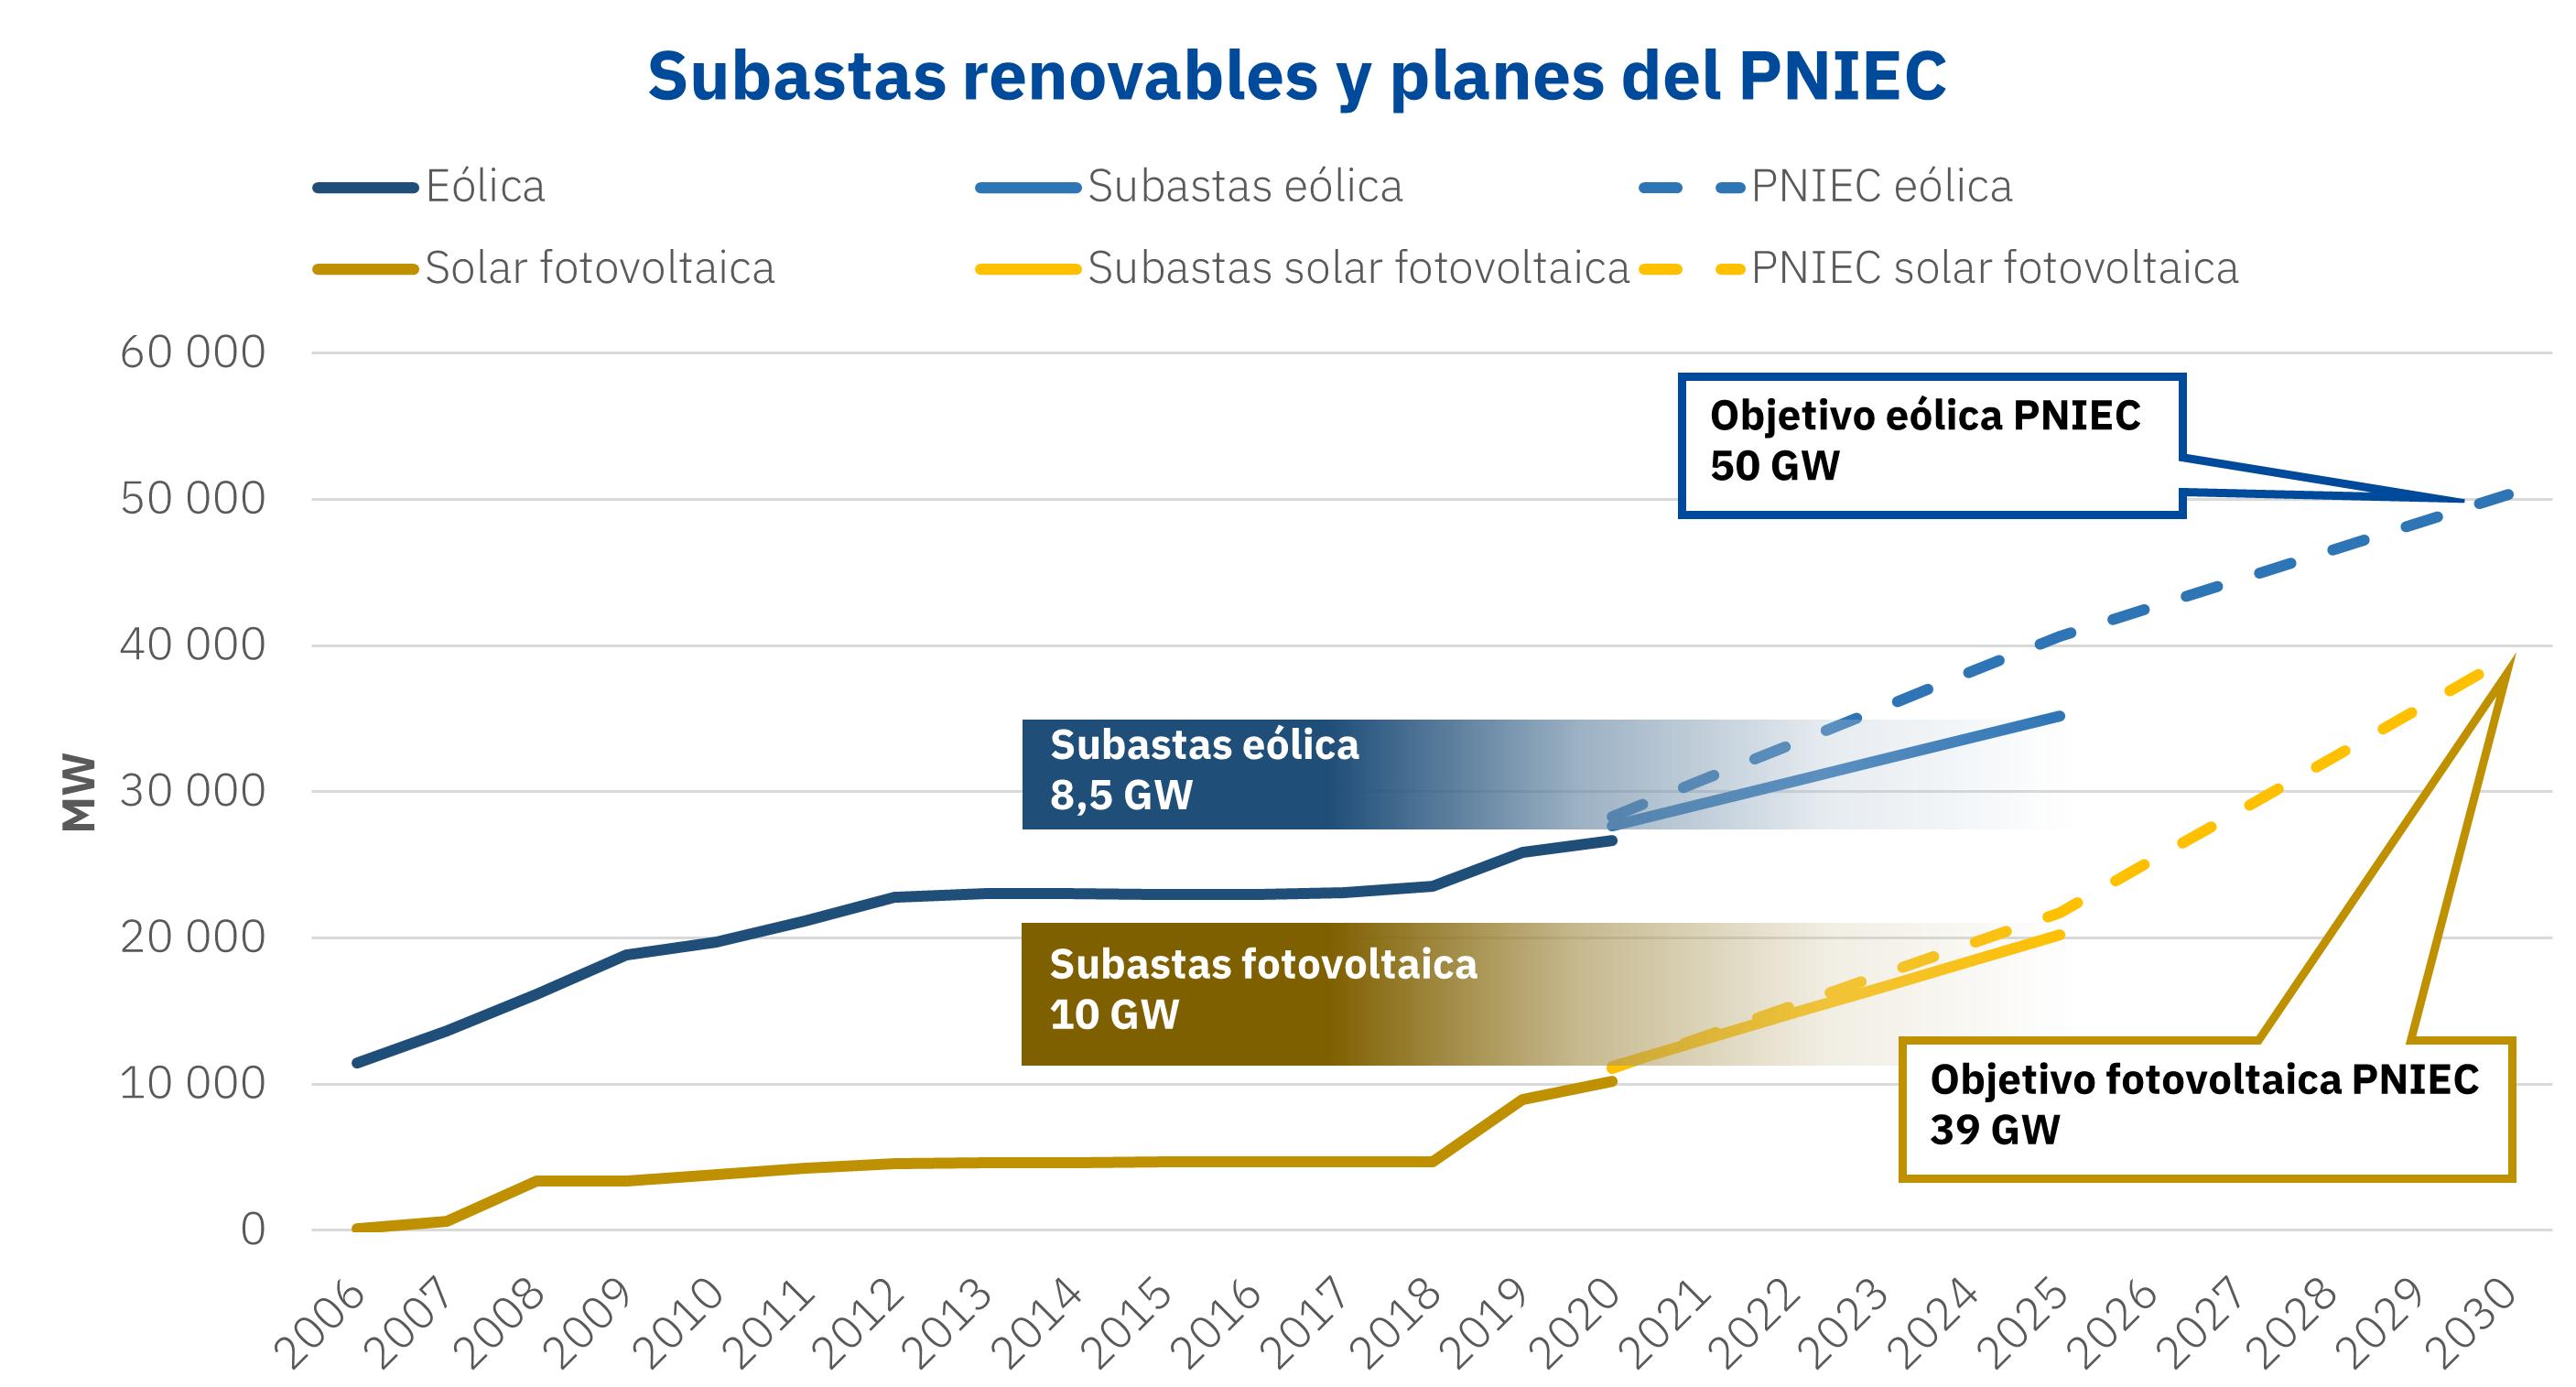 Foto de Subastas de renovables, eólica y fotovoltaica en el PNIEC